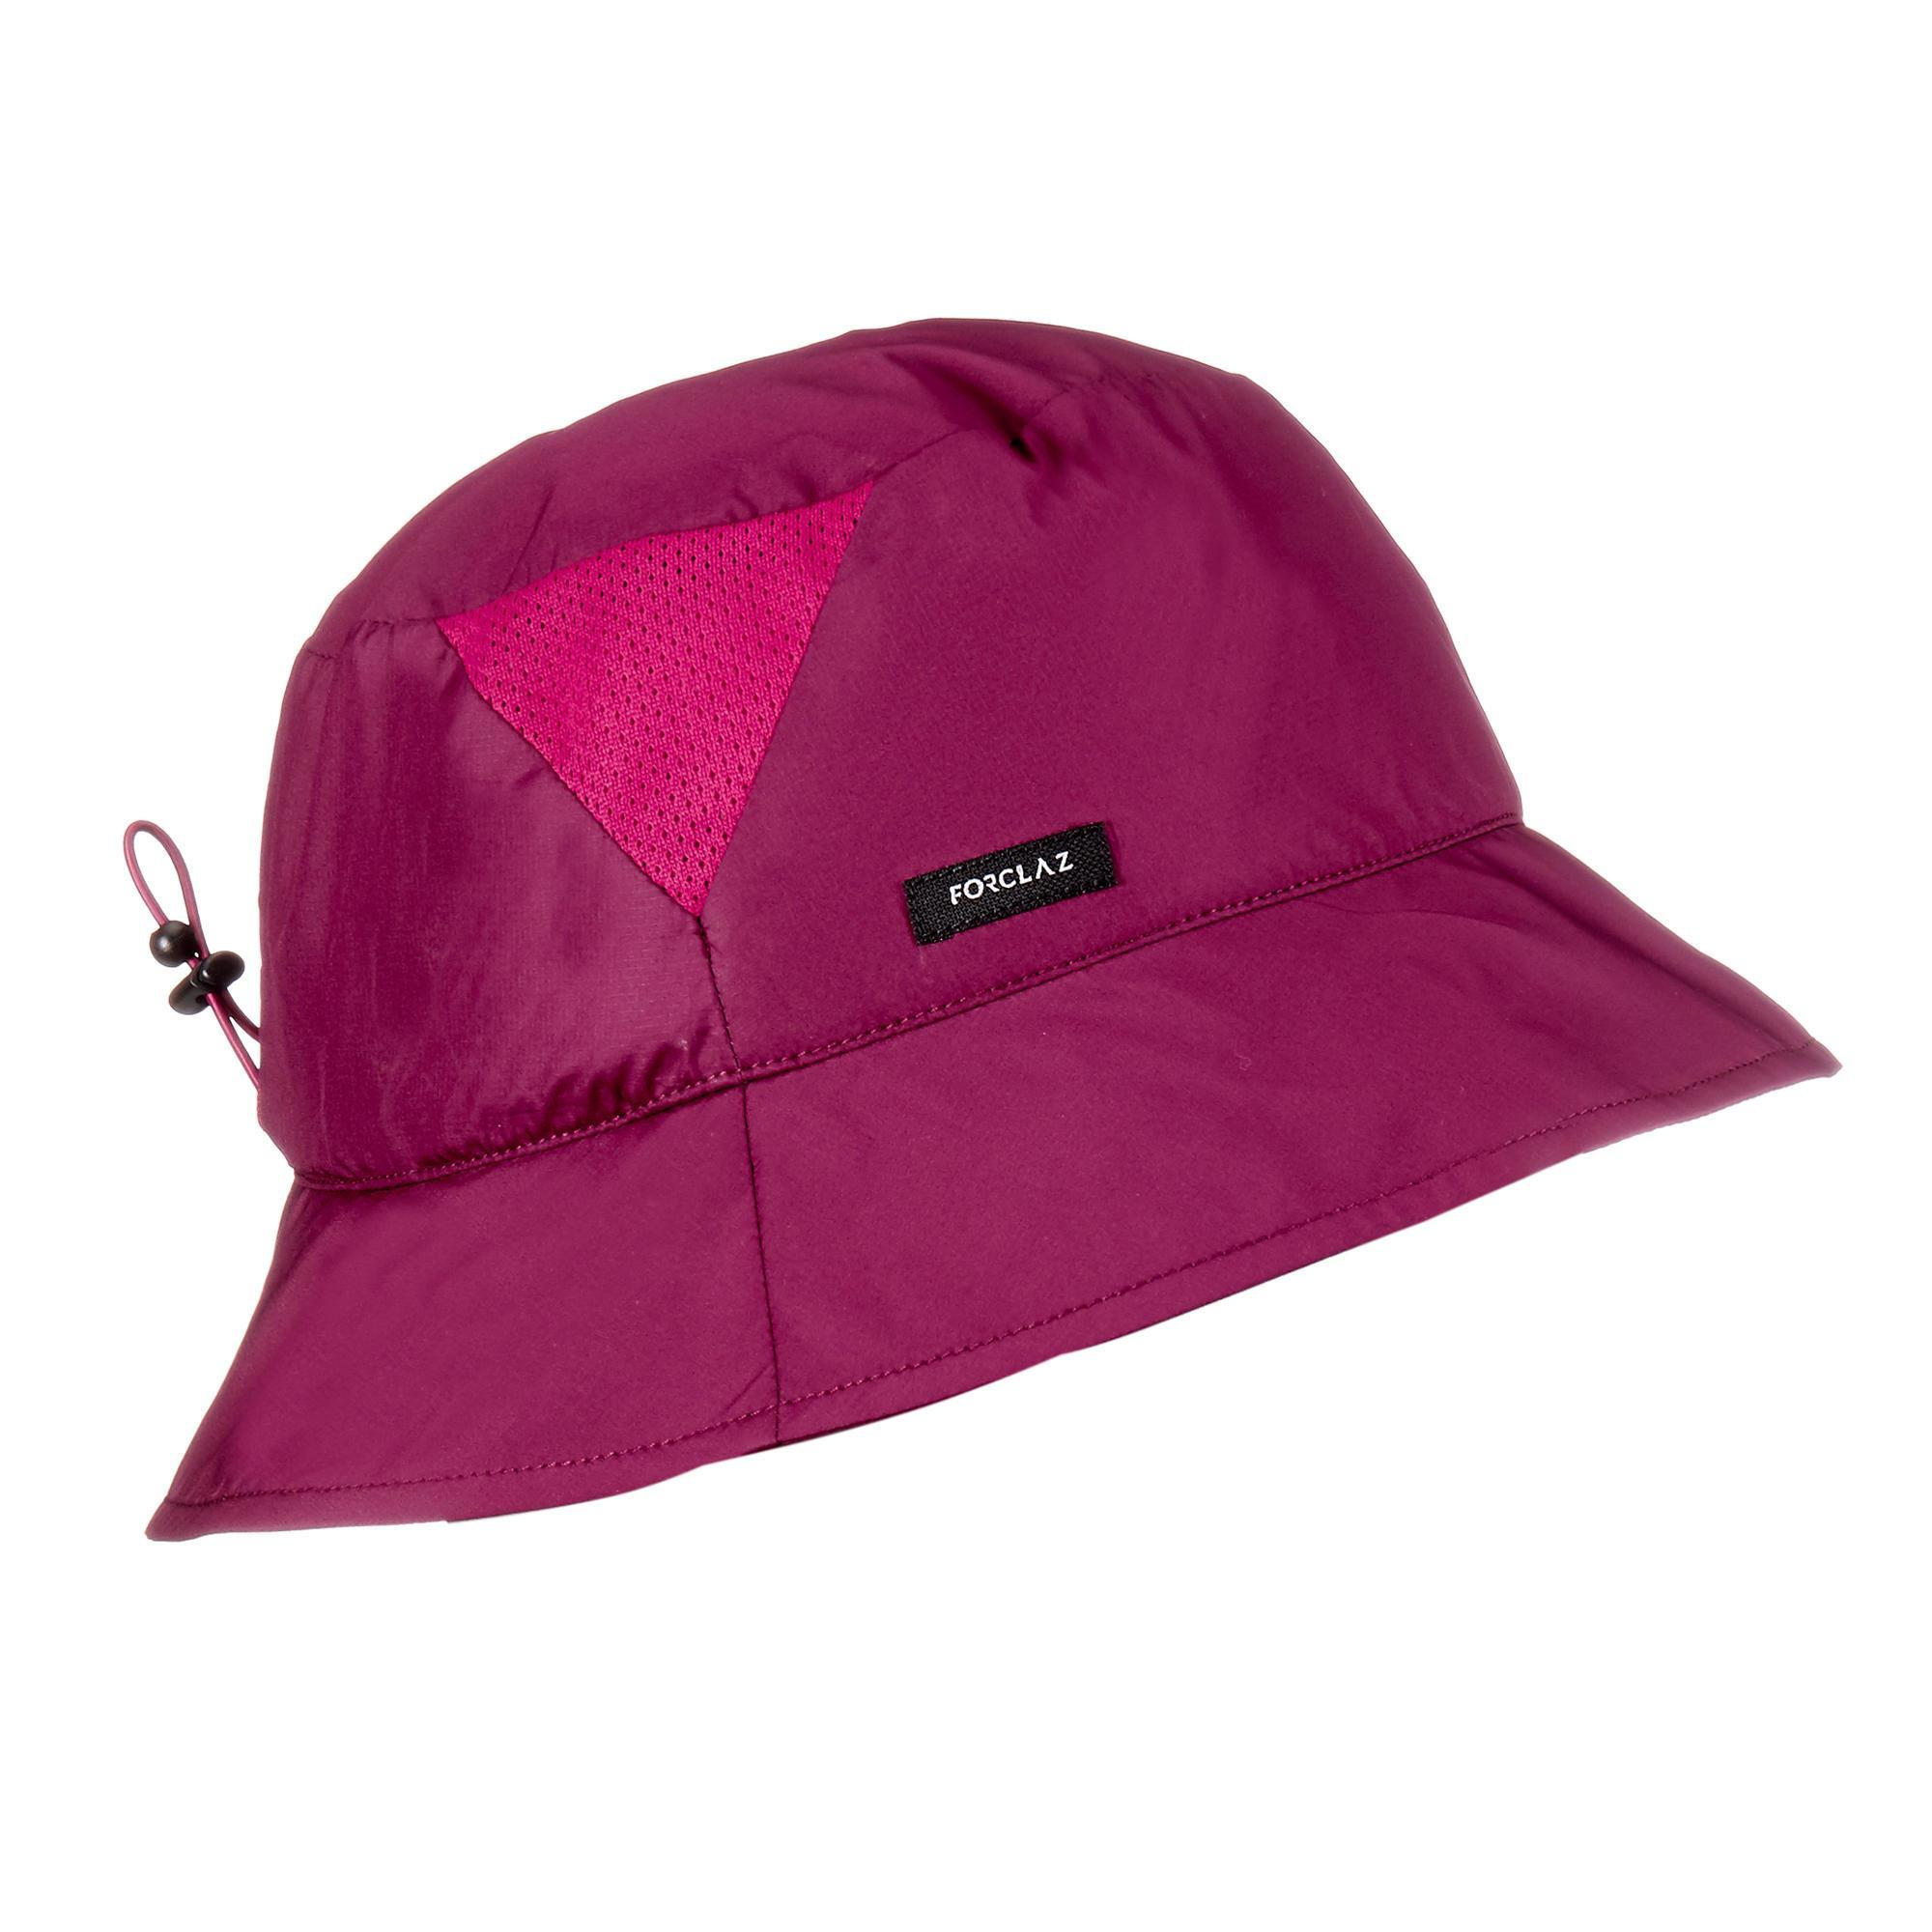 Comprar Sombreros para Deporte  4ca488432def